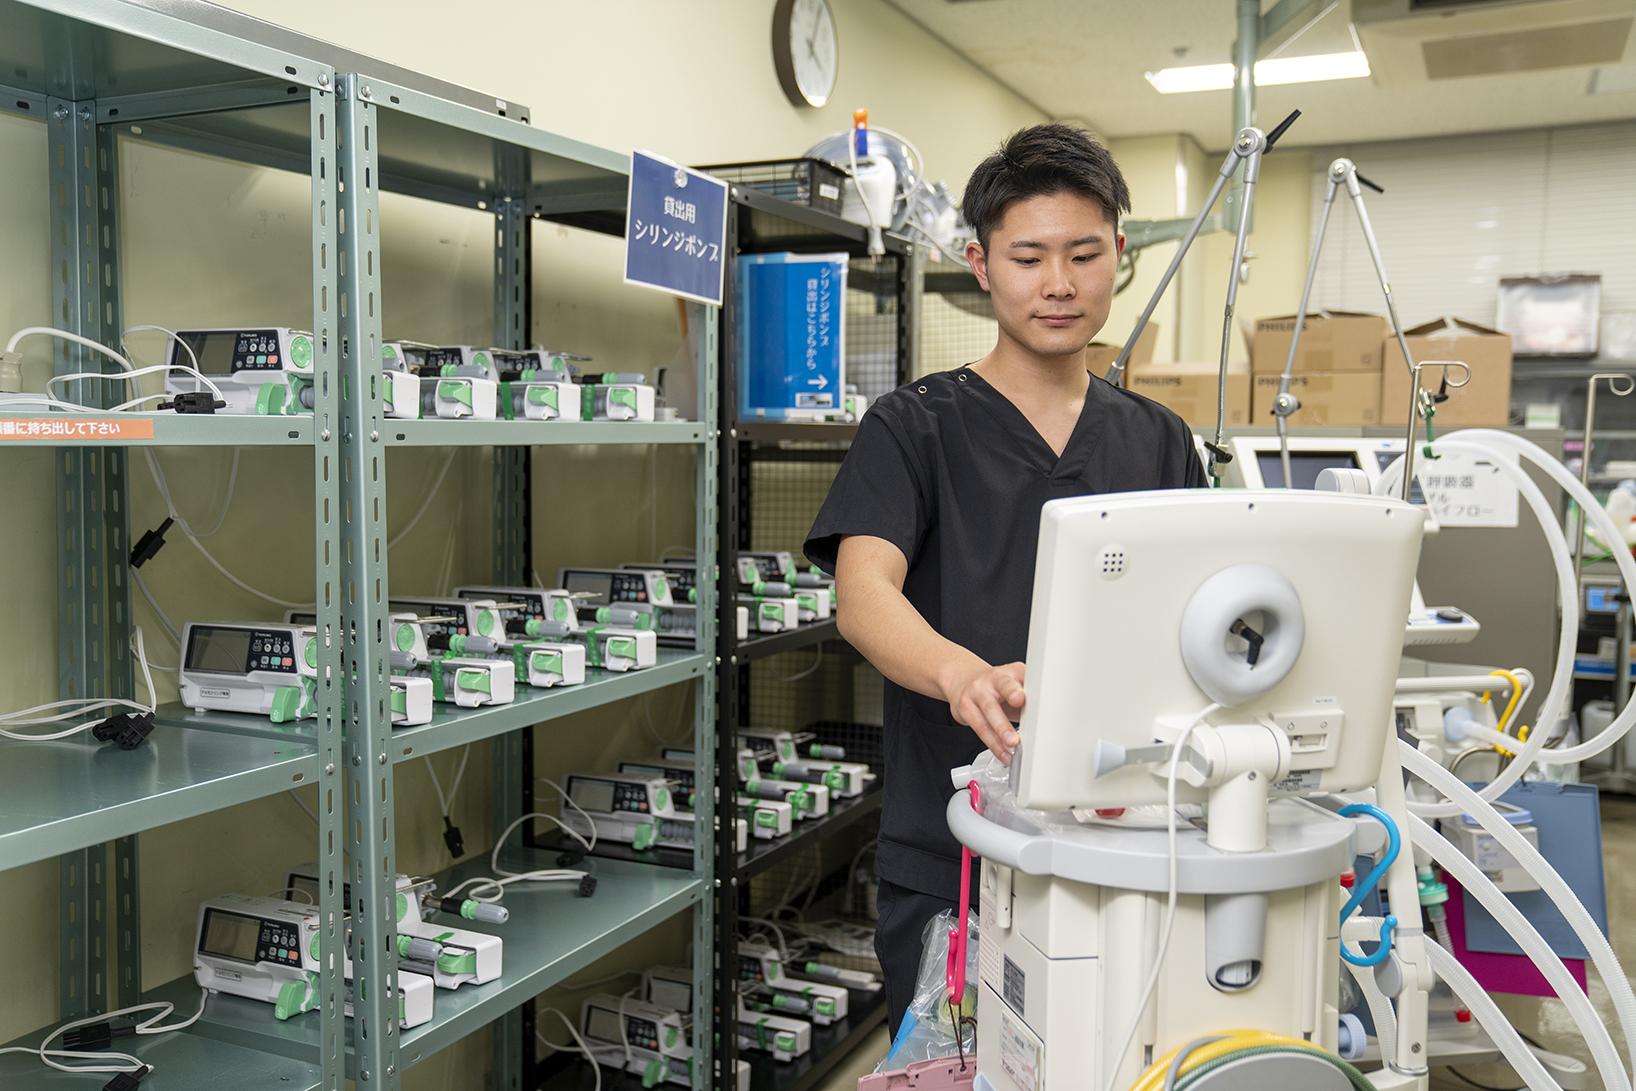 写真:臨床工学技士が機械を操作している1